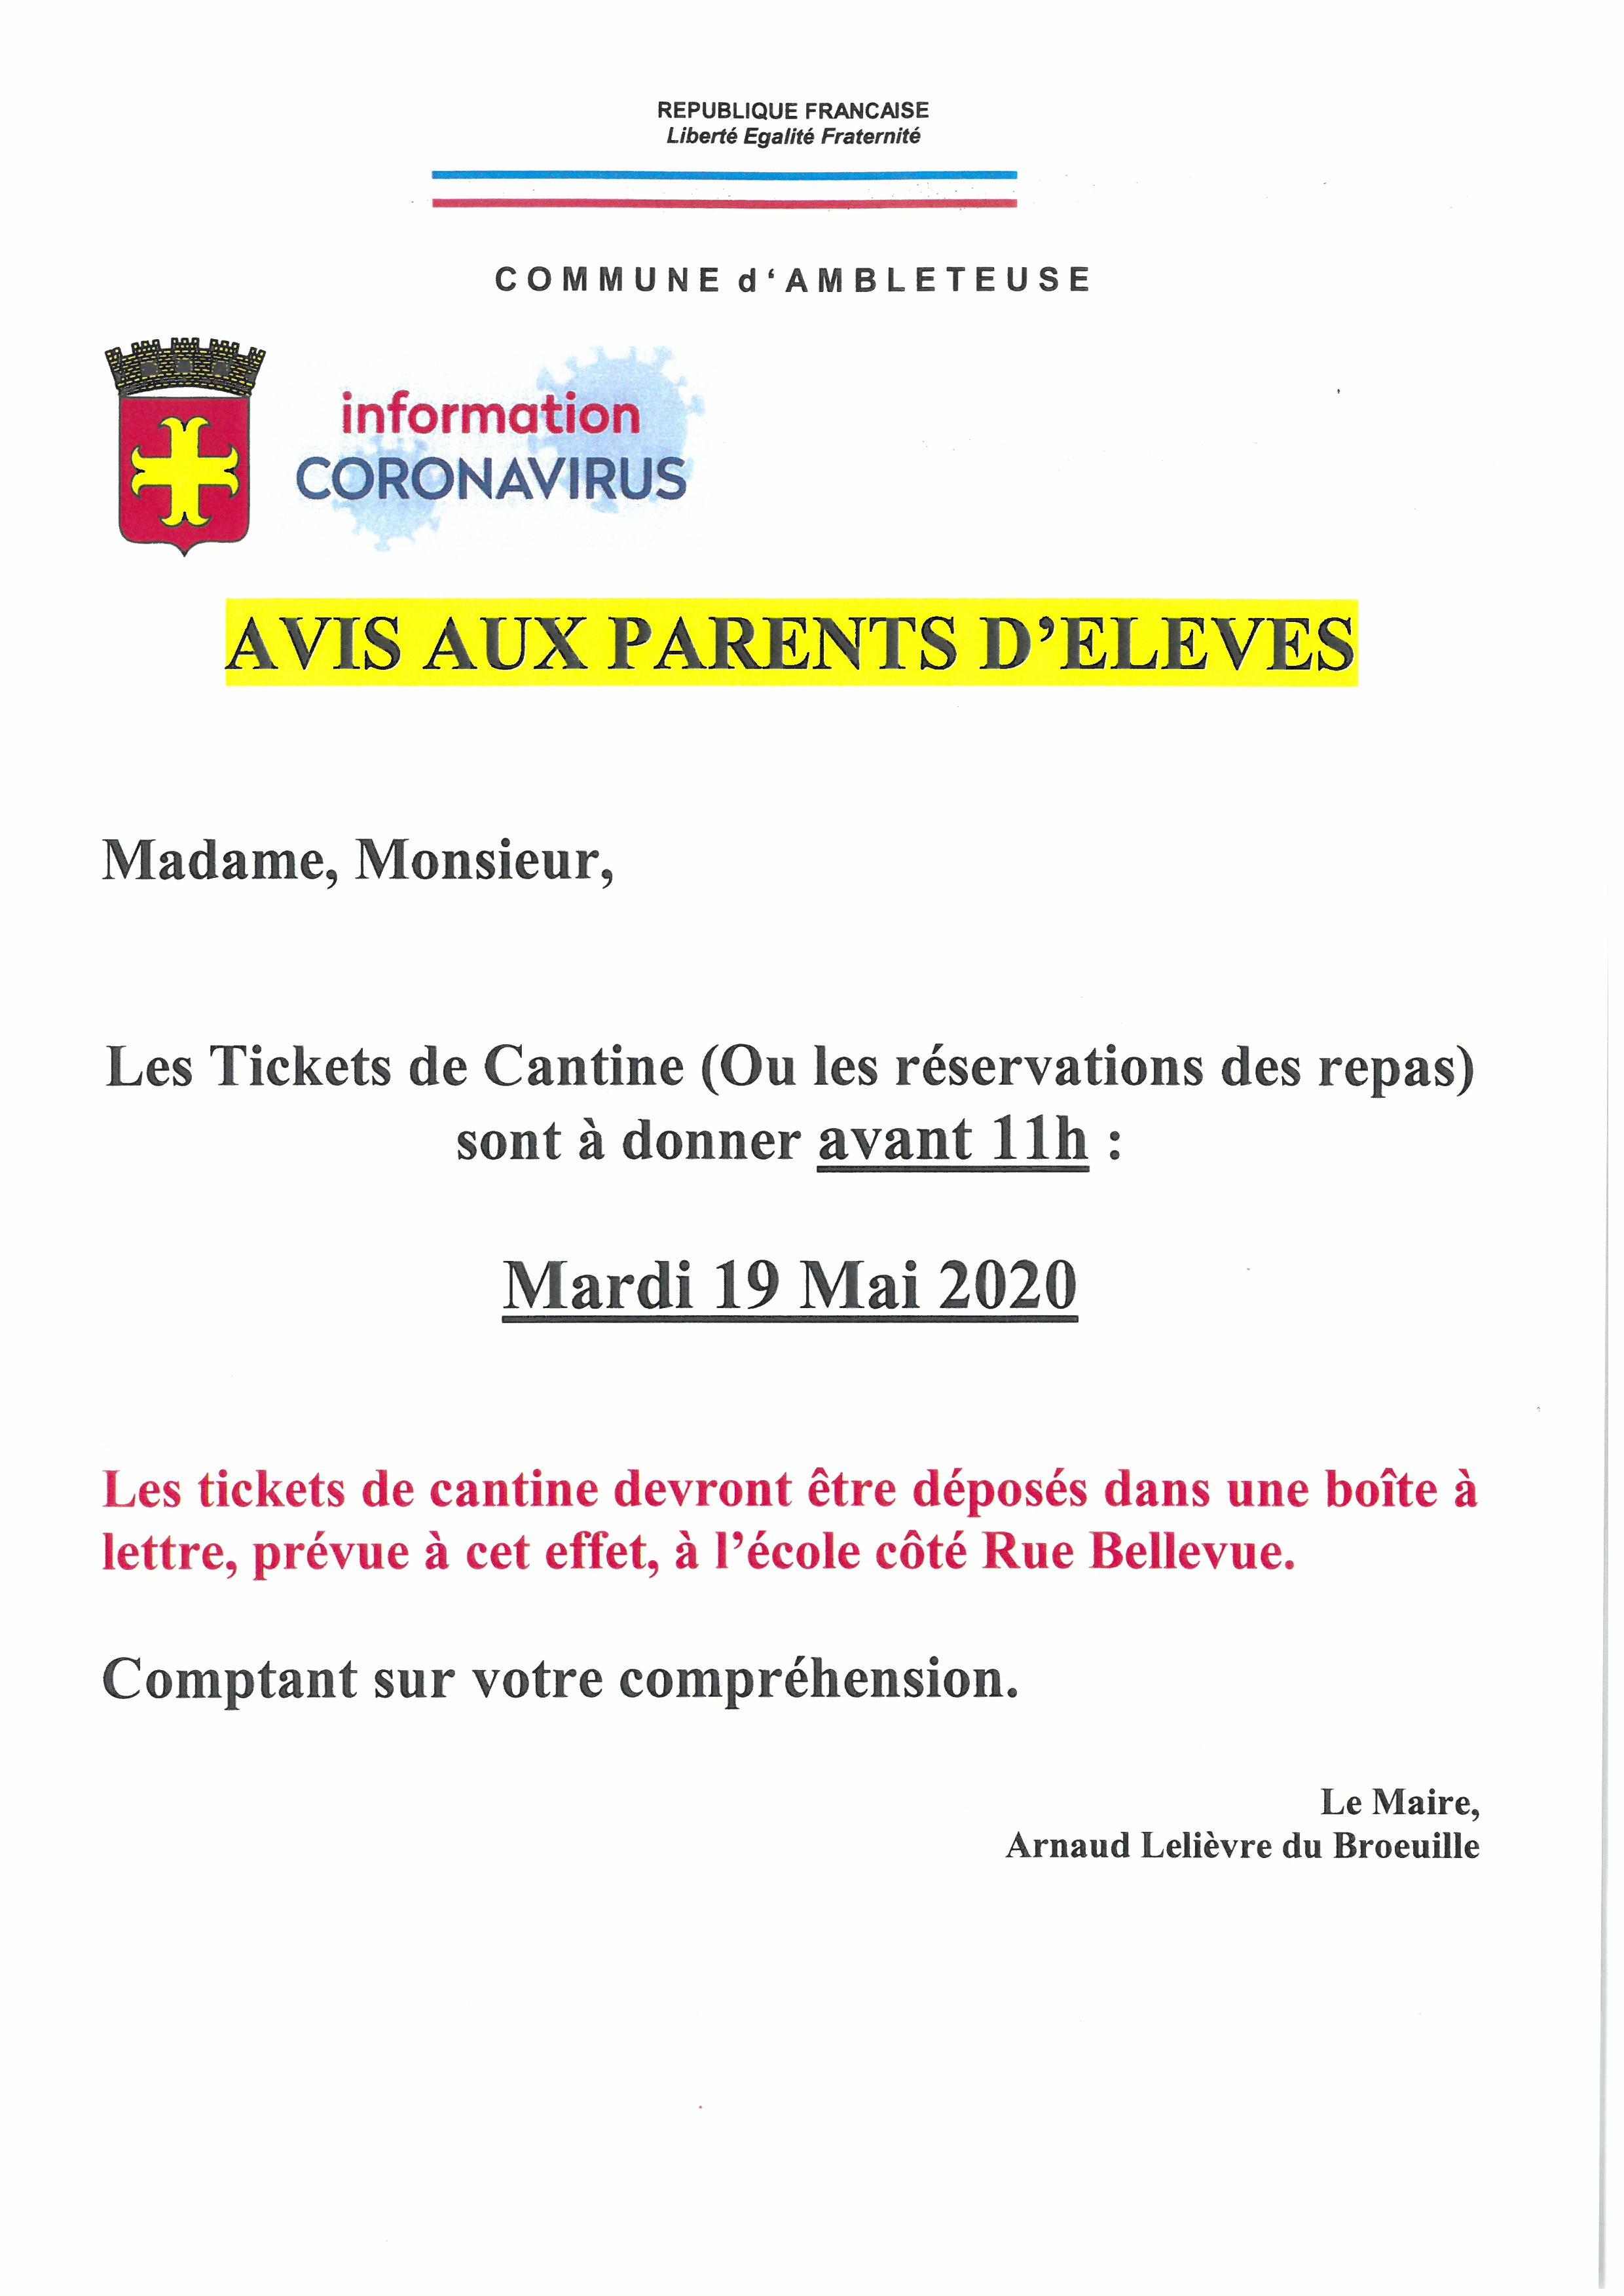 AVIS AUX PARENTS D'ELEVES.jpg